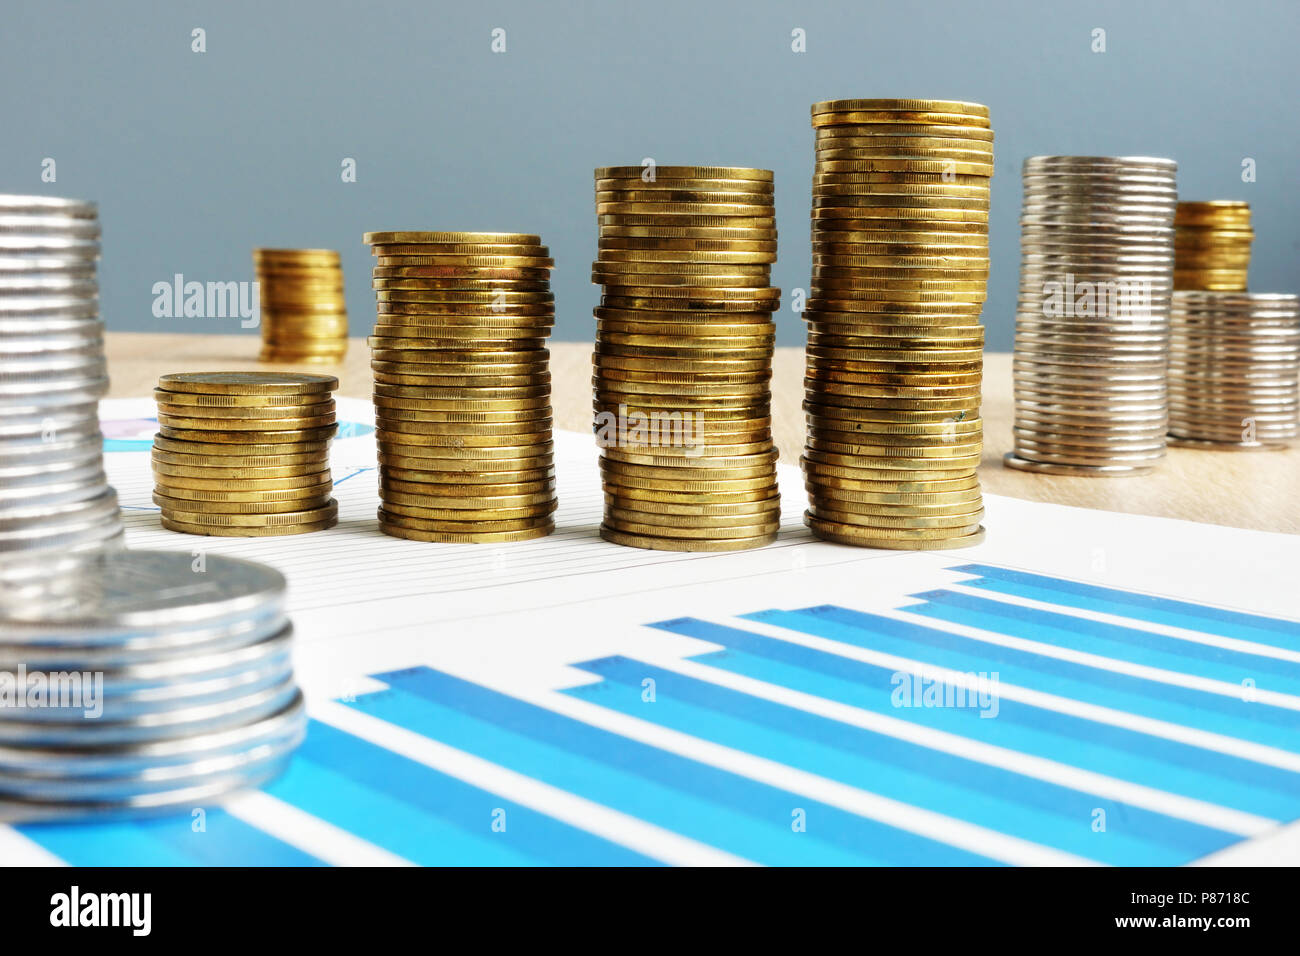 Den geschäftlichen Erfolg. Gewinn. Stapel von Münzen und finanziellen Plan. Stockbild